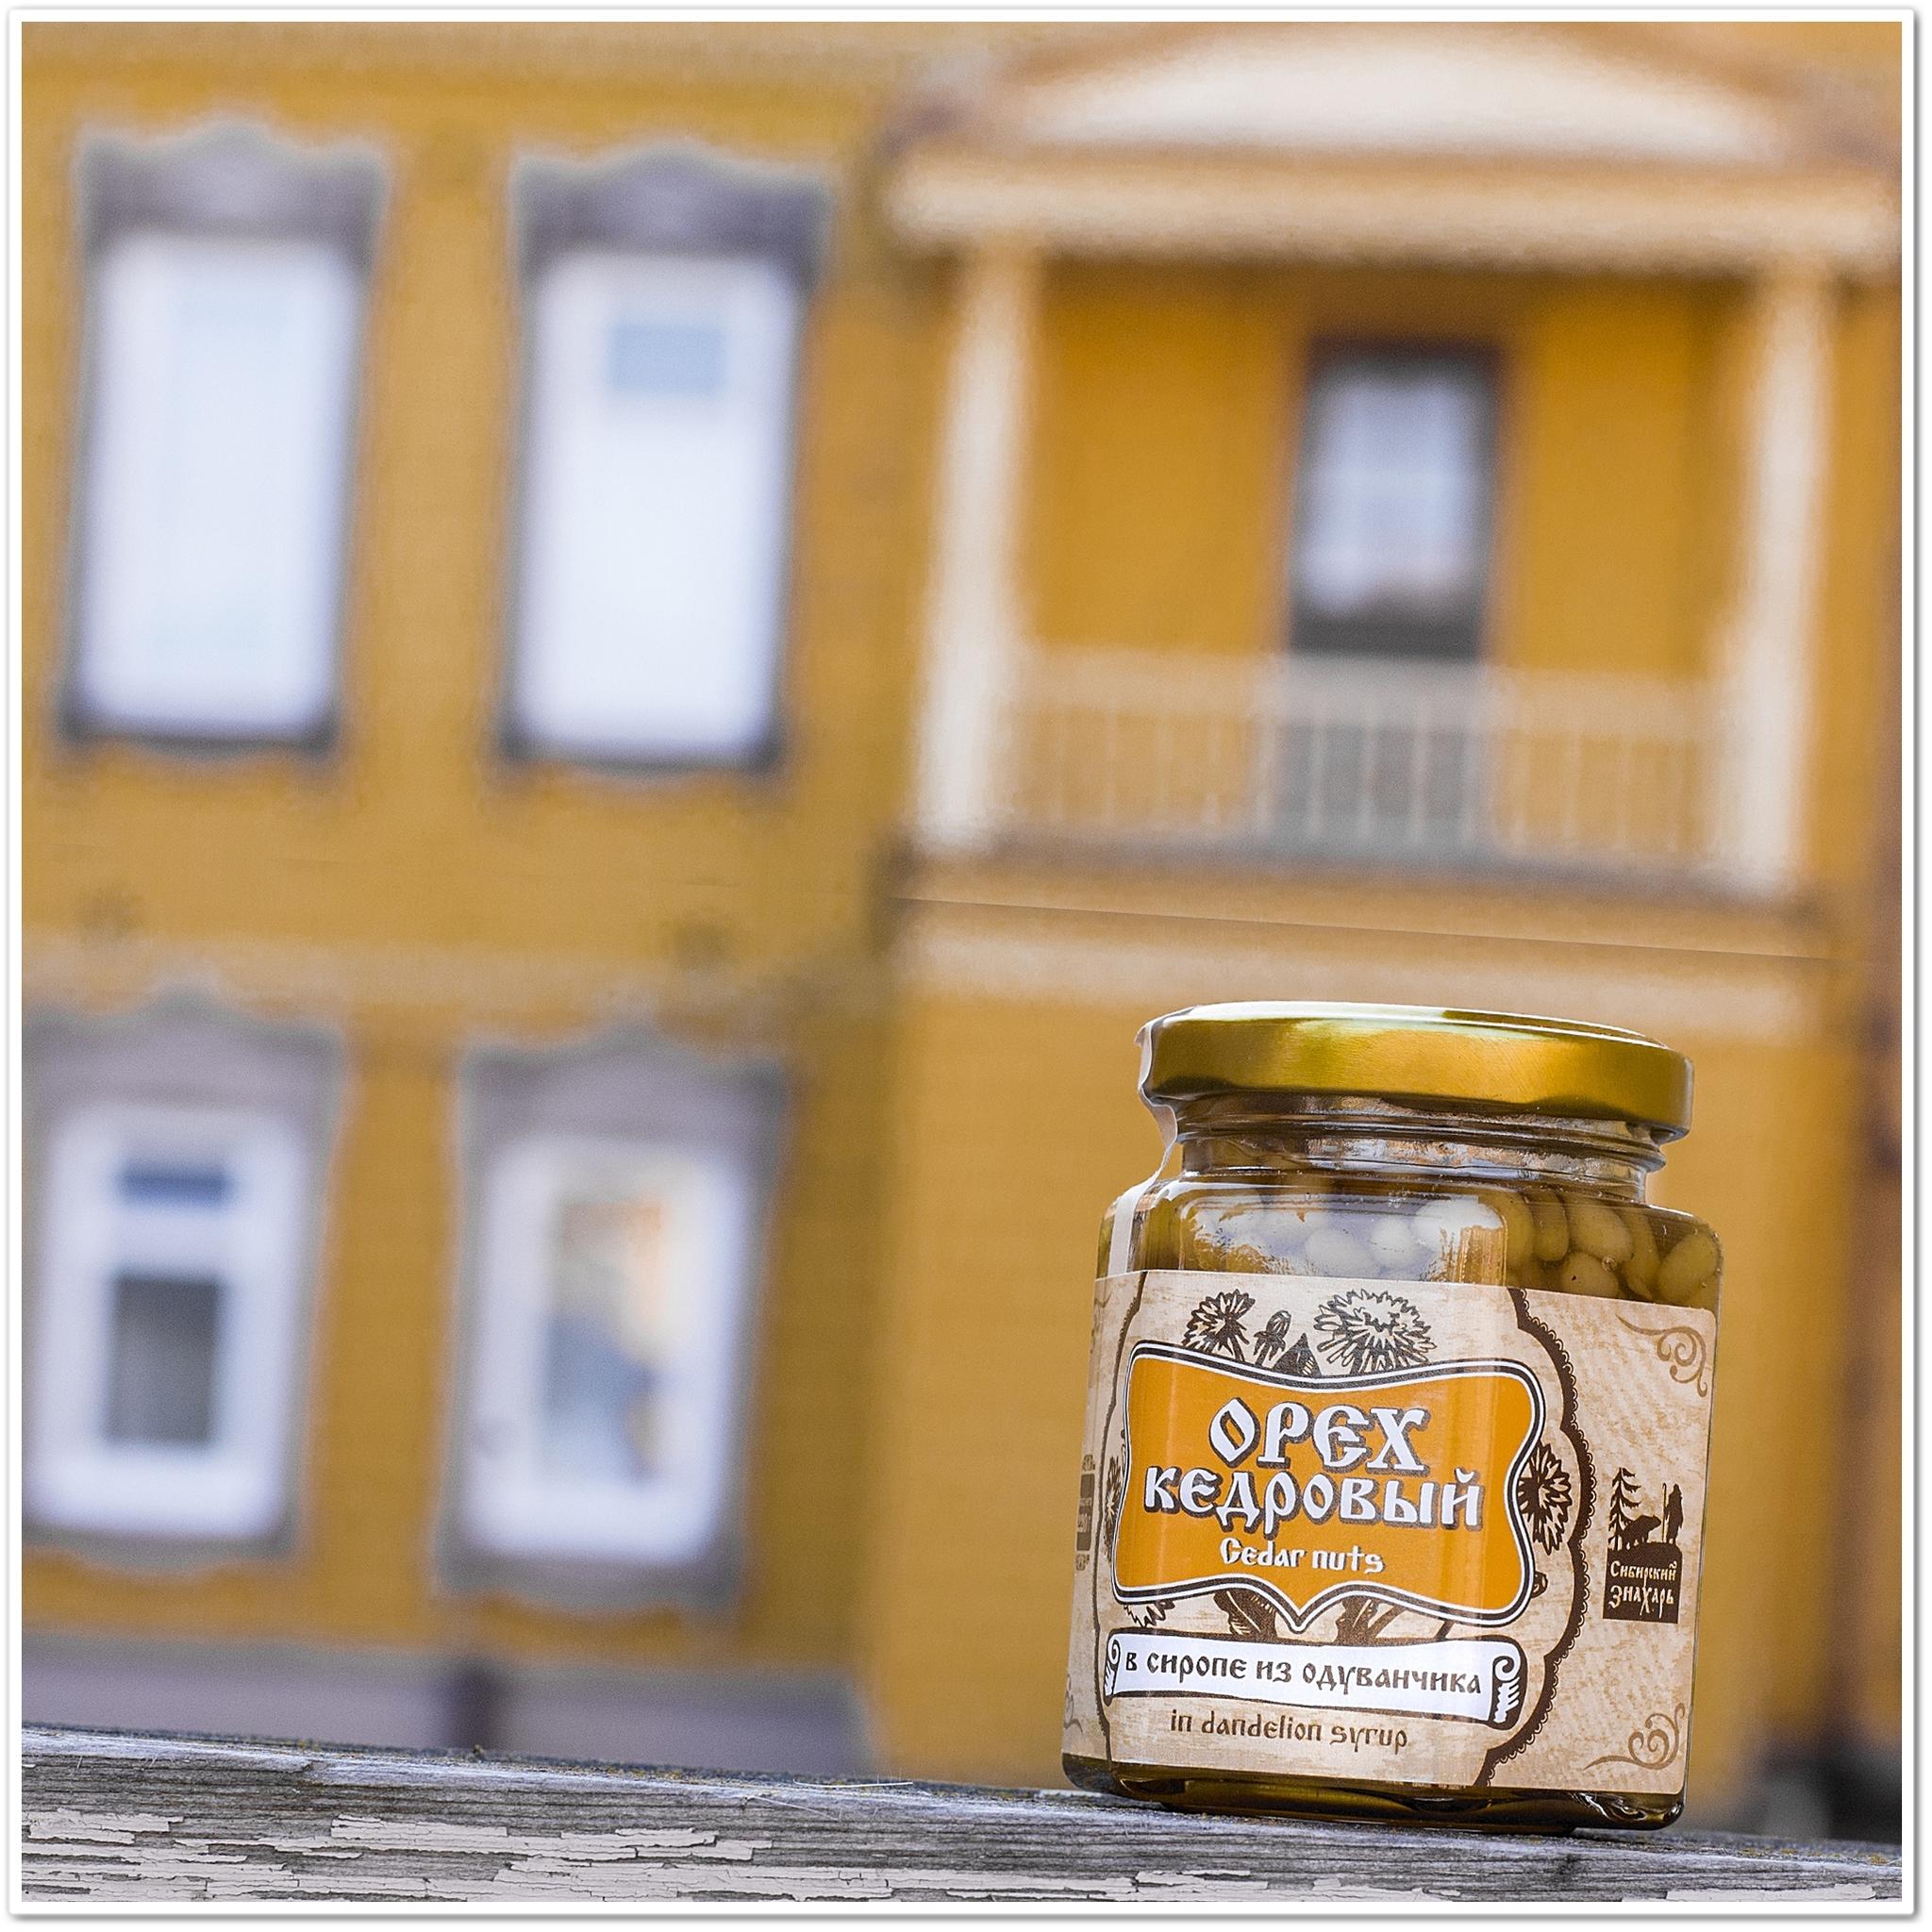 Ядро кедрового ореха в сиропе из одуванчика 220 грамм